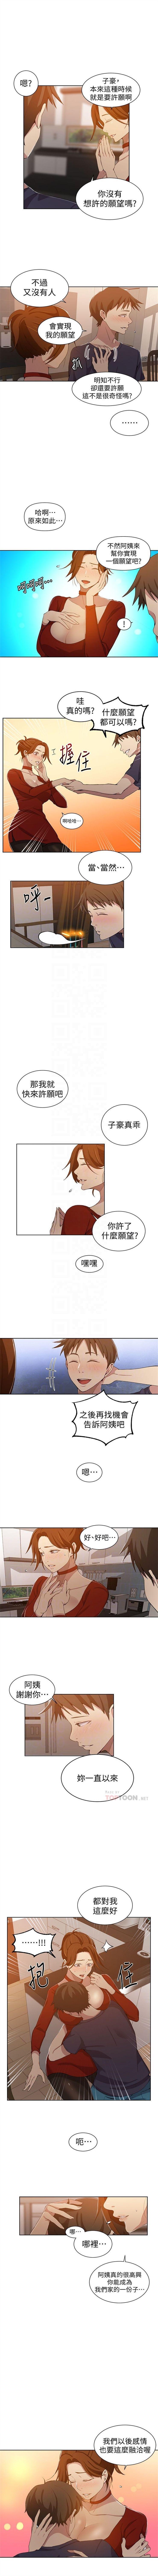 秘密教學  1-50 官方中文(連載中) 253